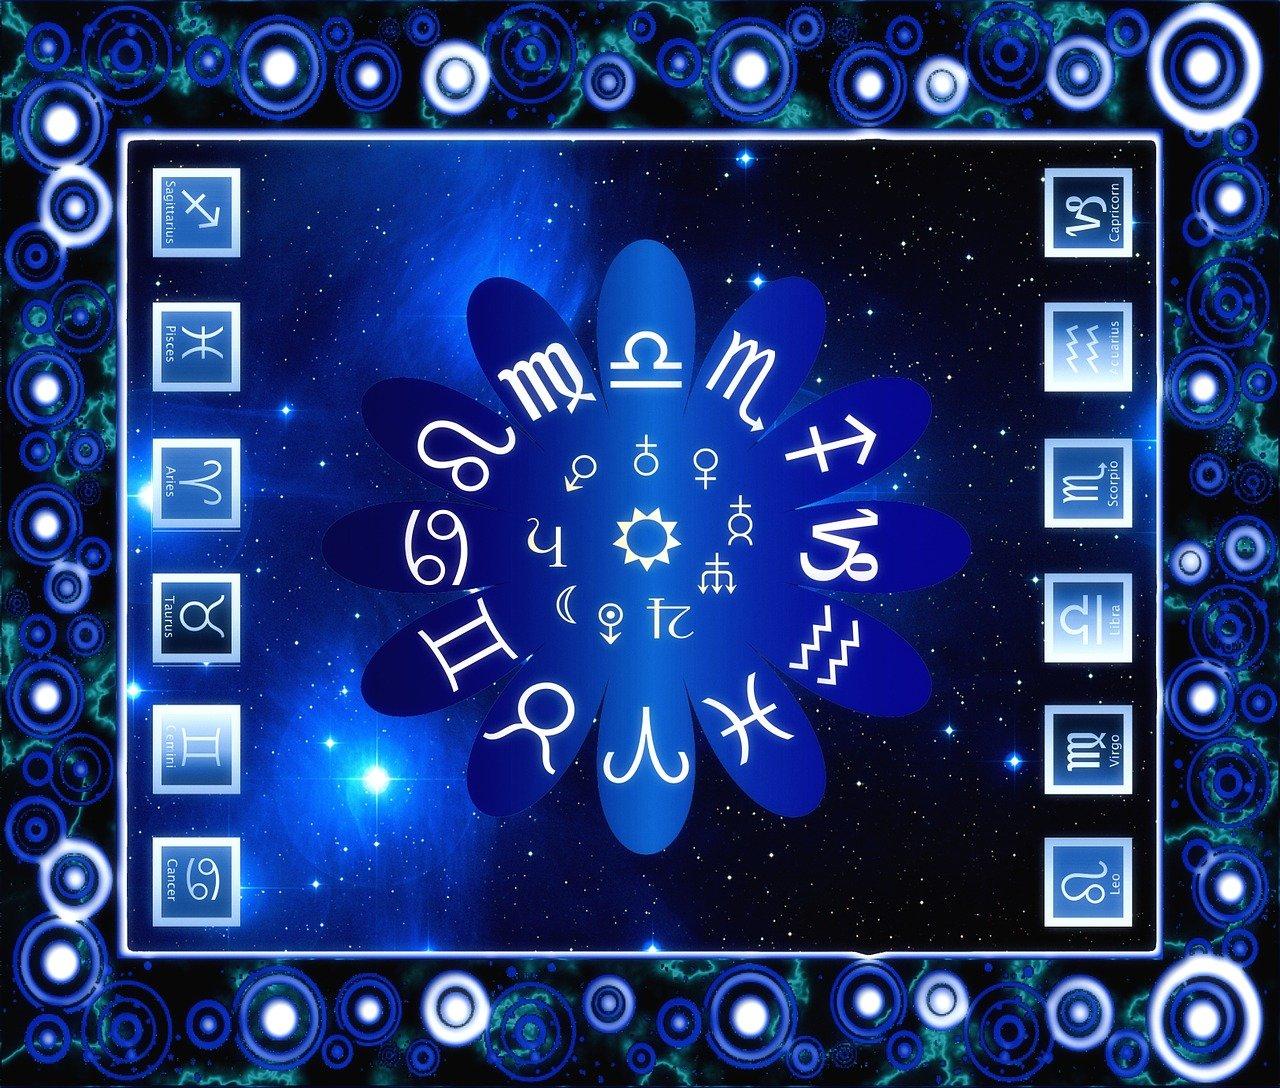 Csillagjegy 01